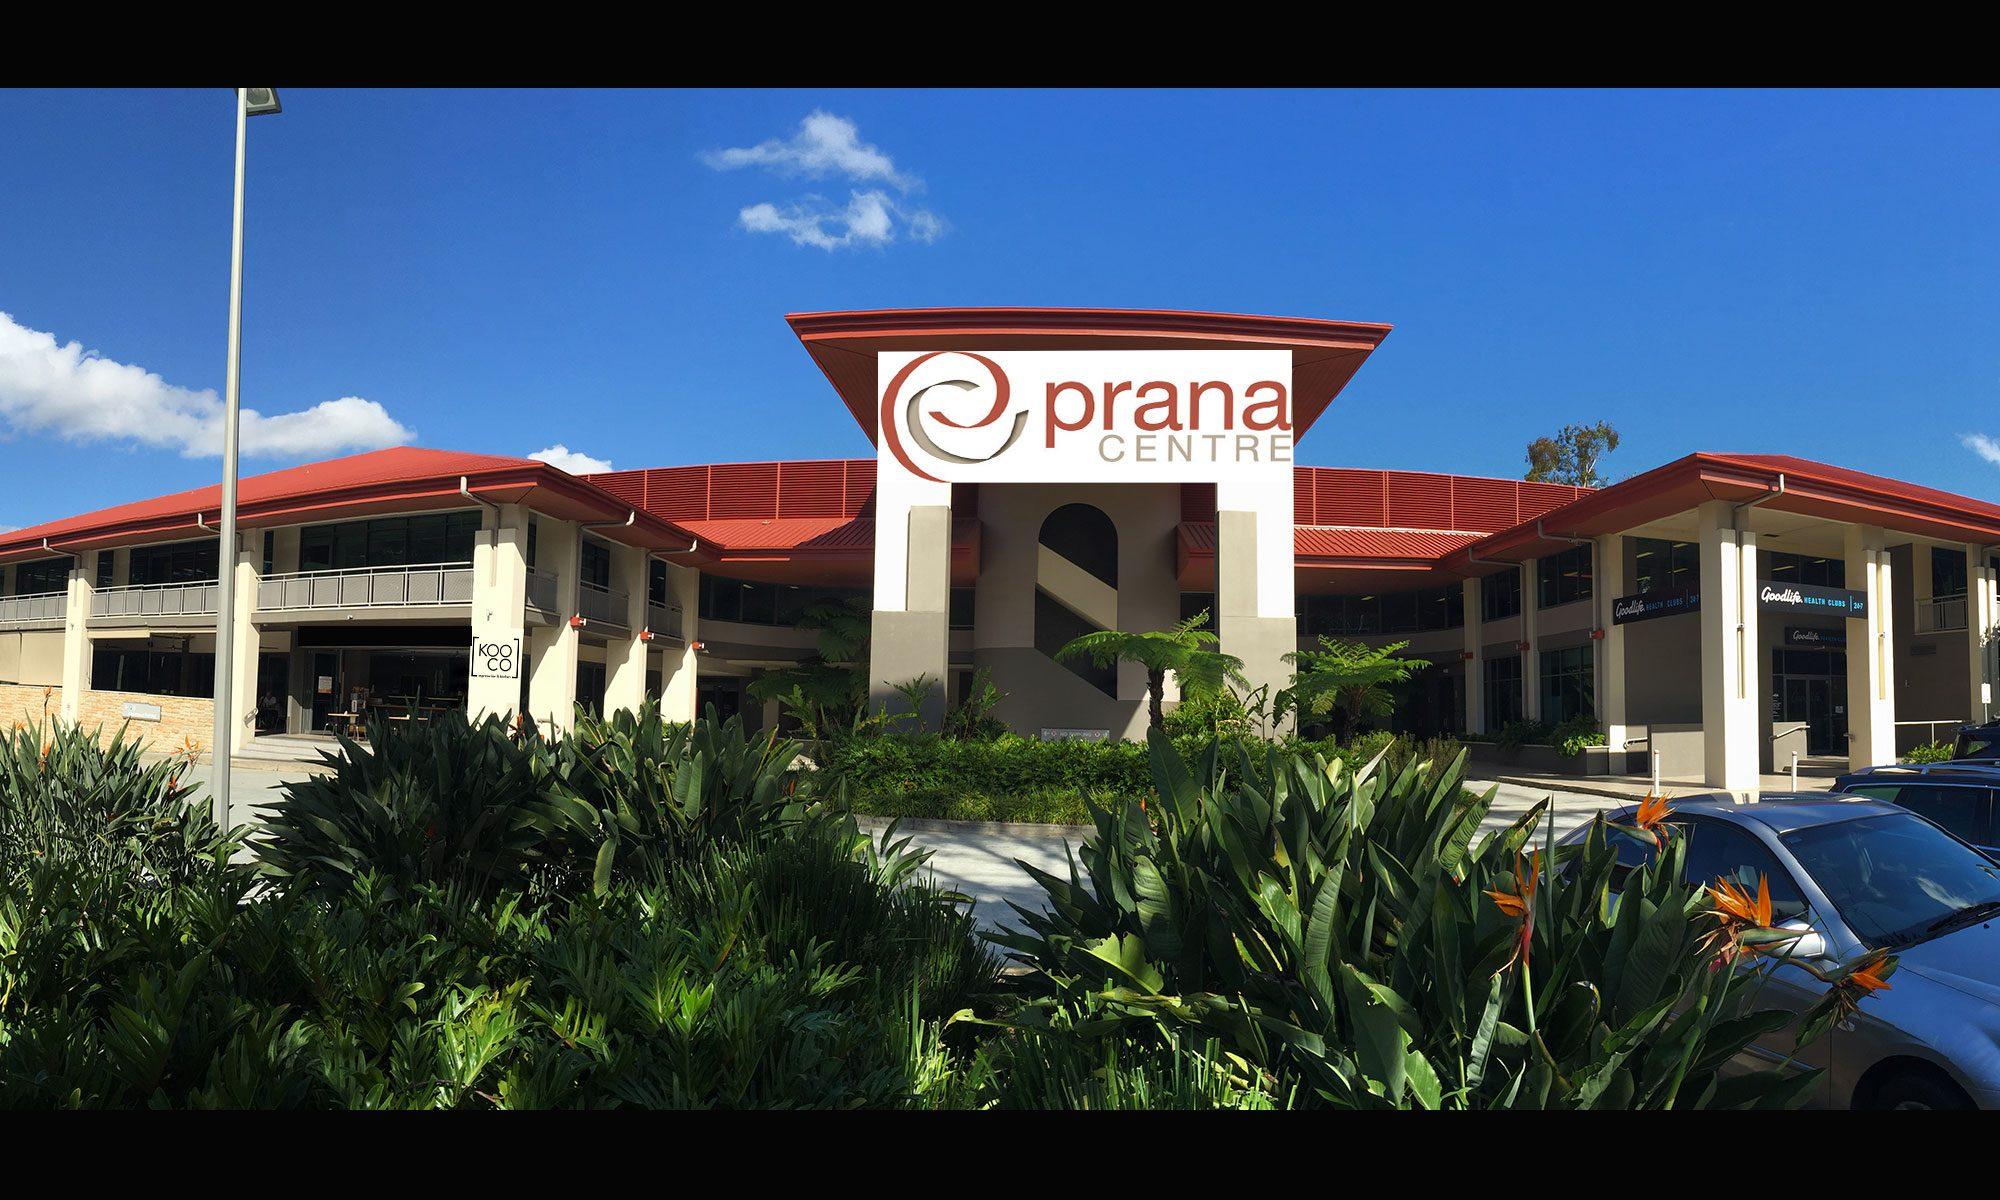 The Prana Centre